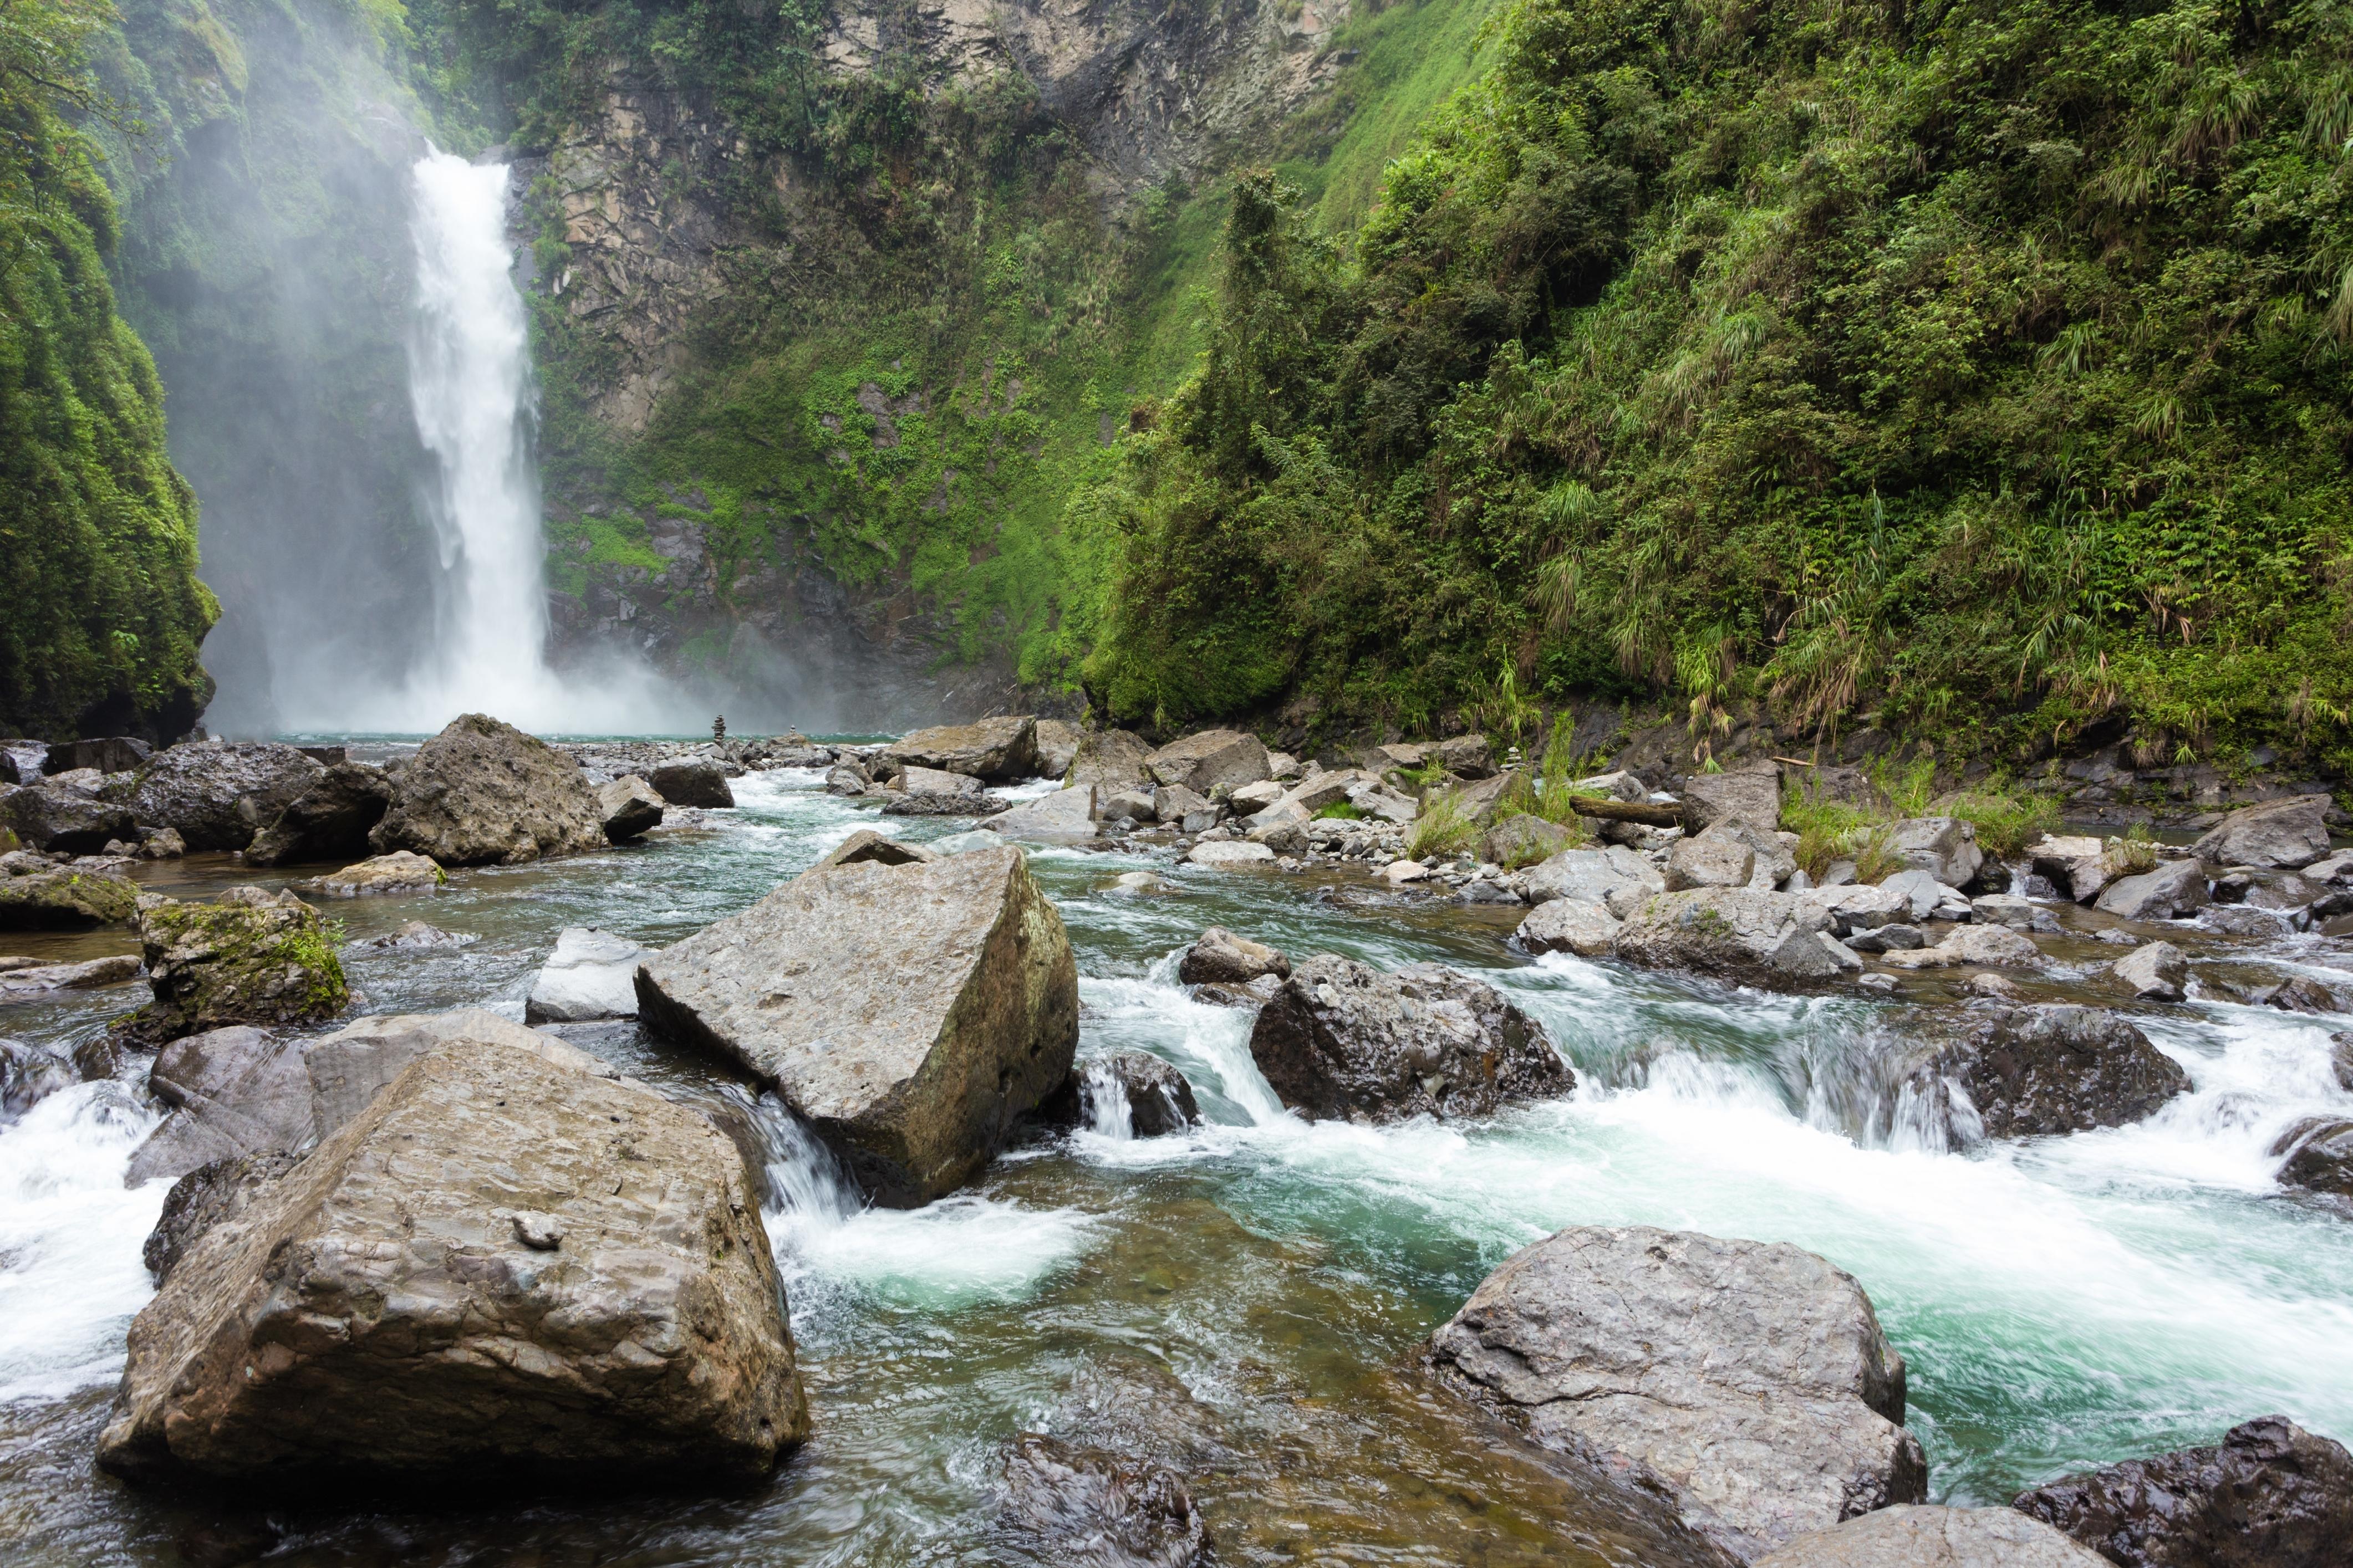 Majestic Tappiya Waterfalls in Banaue